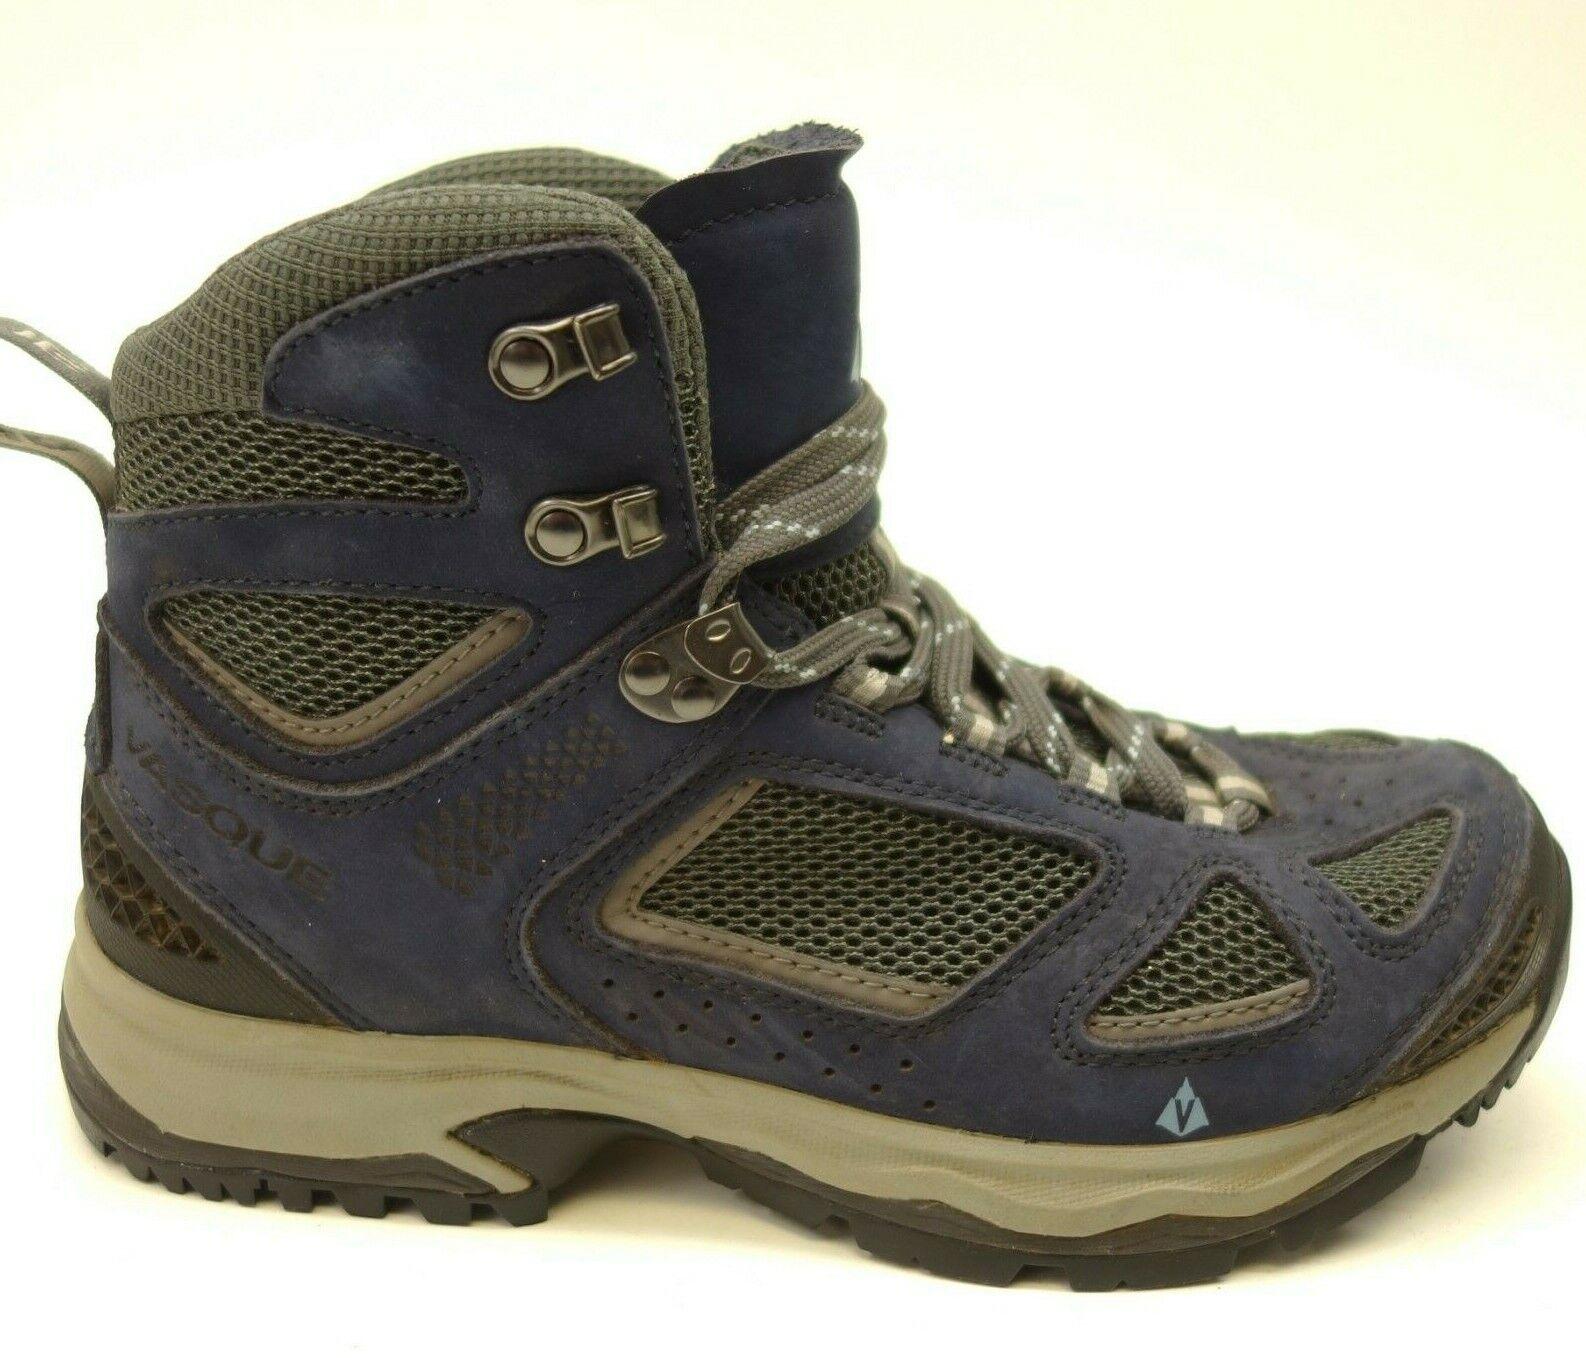 Vasque Breeze US 8 Azul Marino deportiva para Senderismo y al aire libre Mid Mujer botas